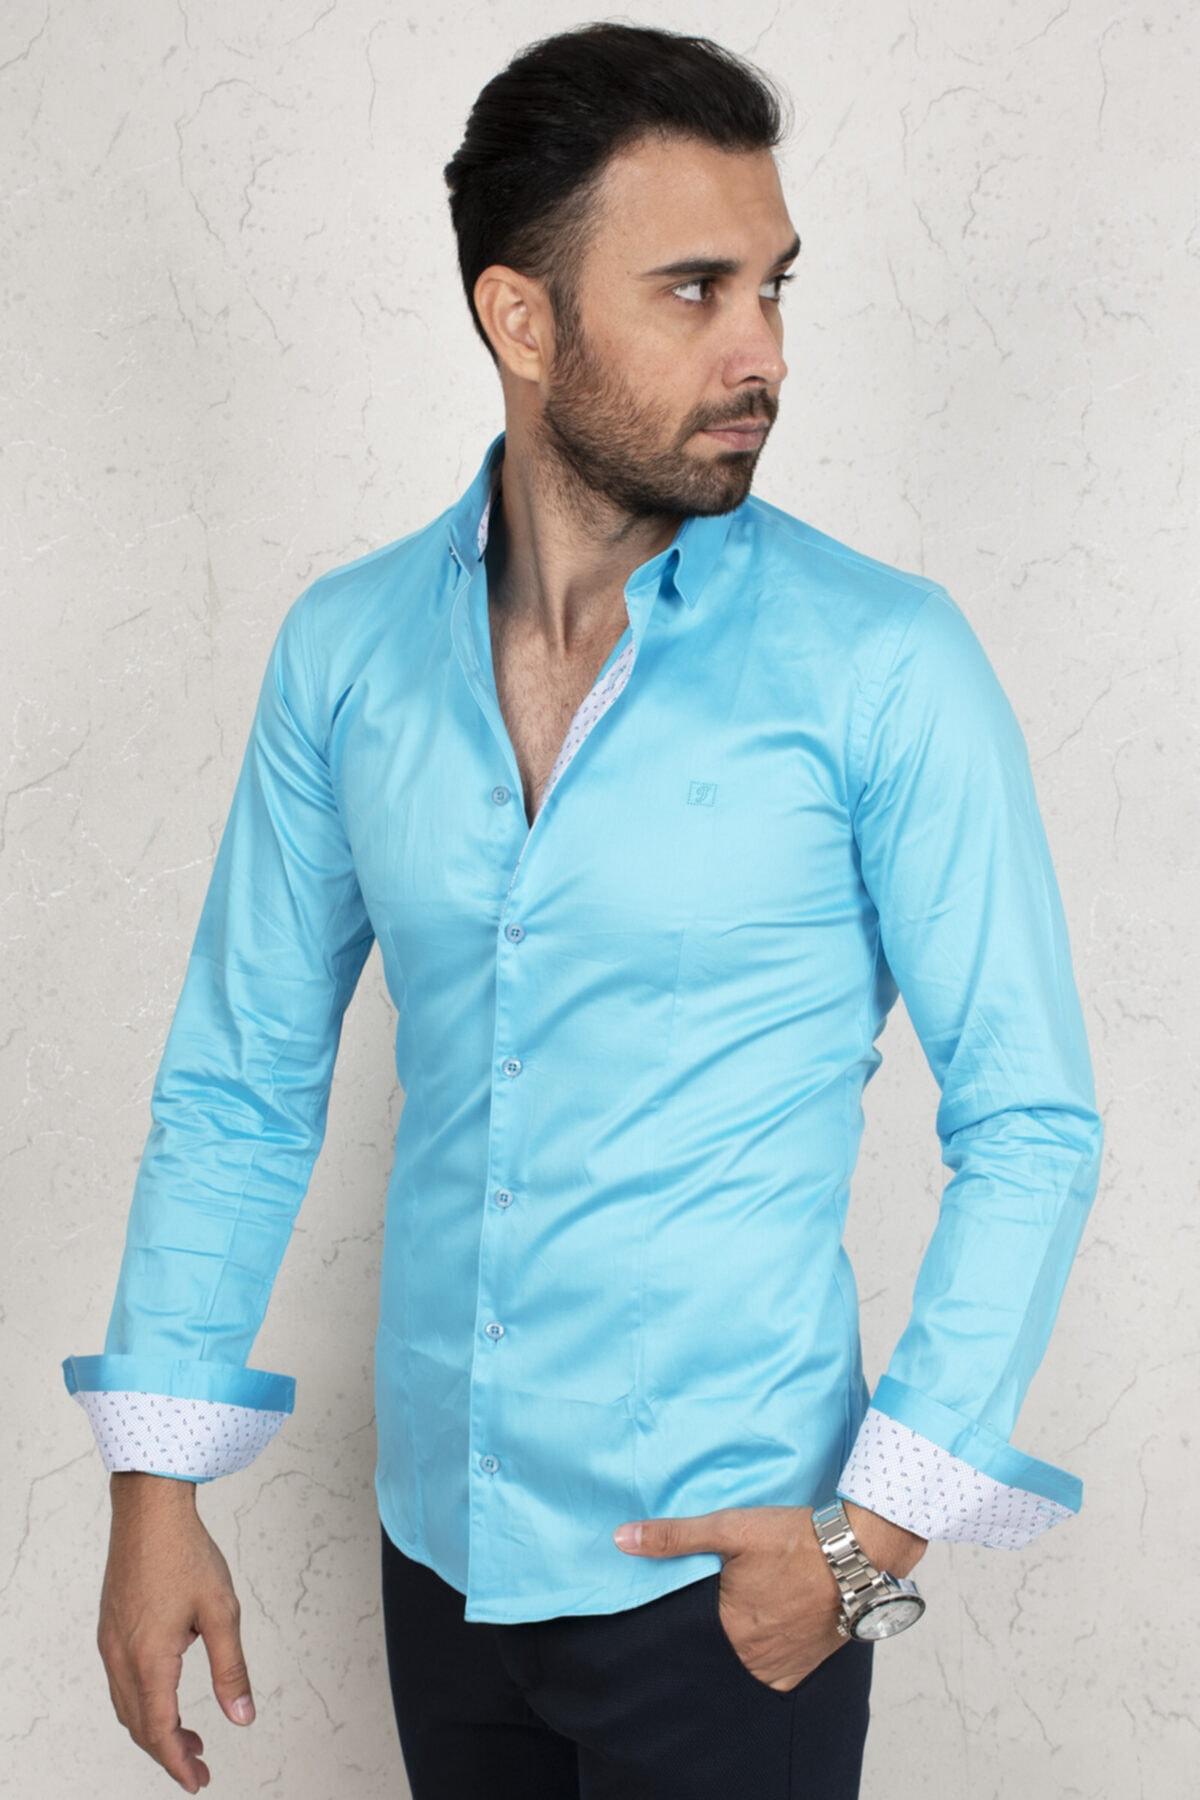 DeepSEA Erkek Mavi Saten Regular Fit Uzun Kol Gömlek 2000172 2